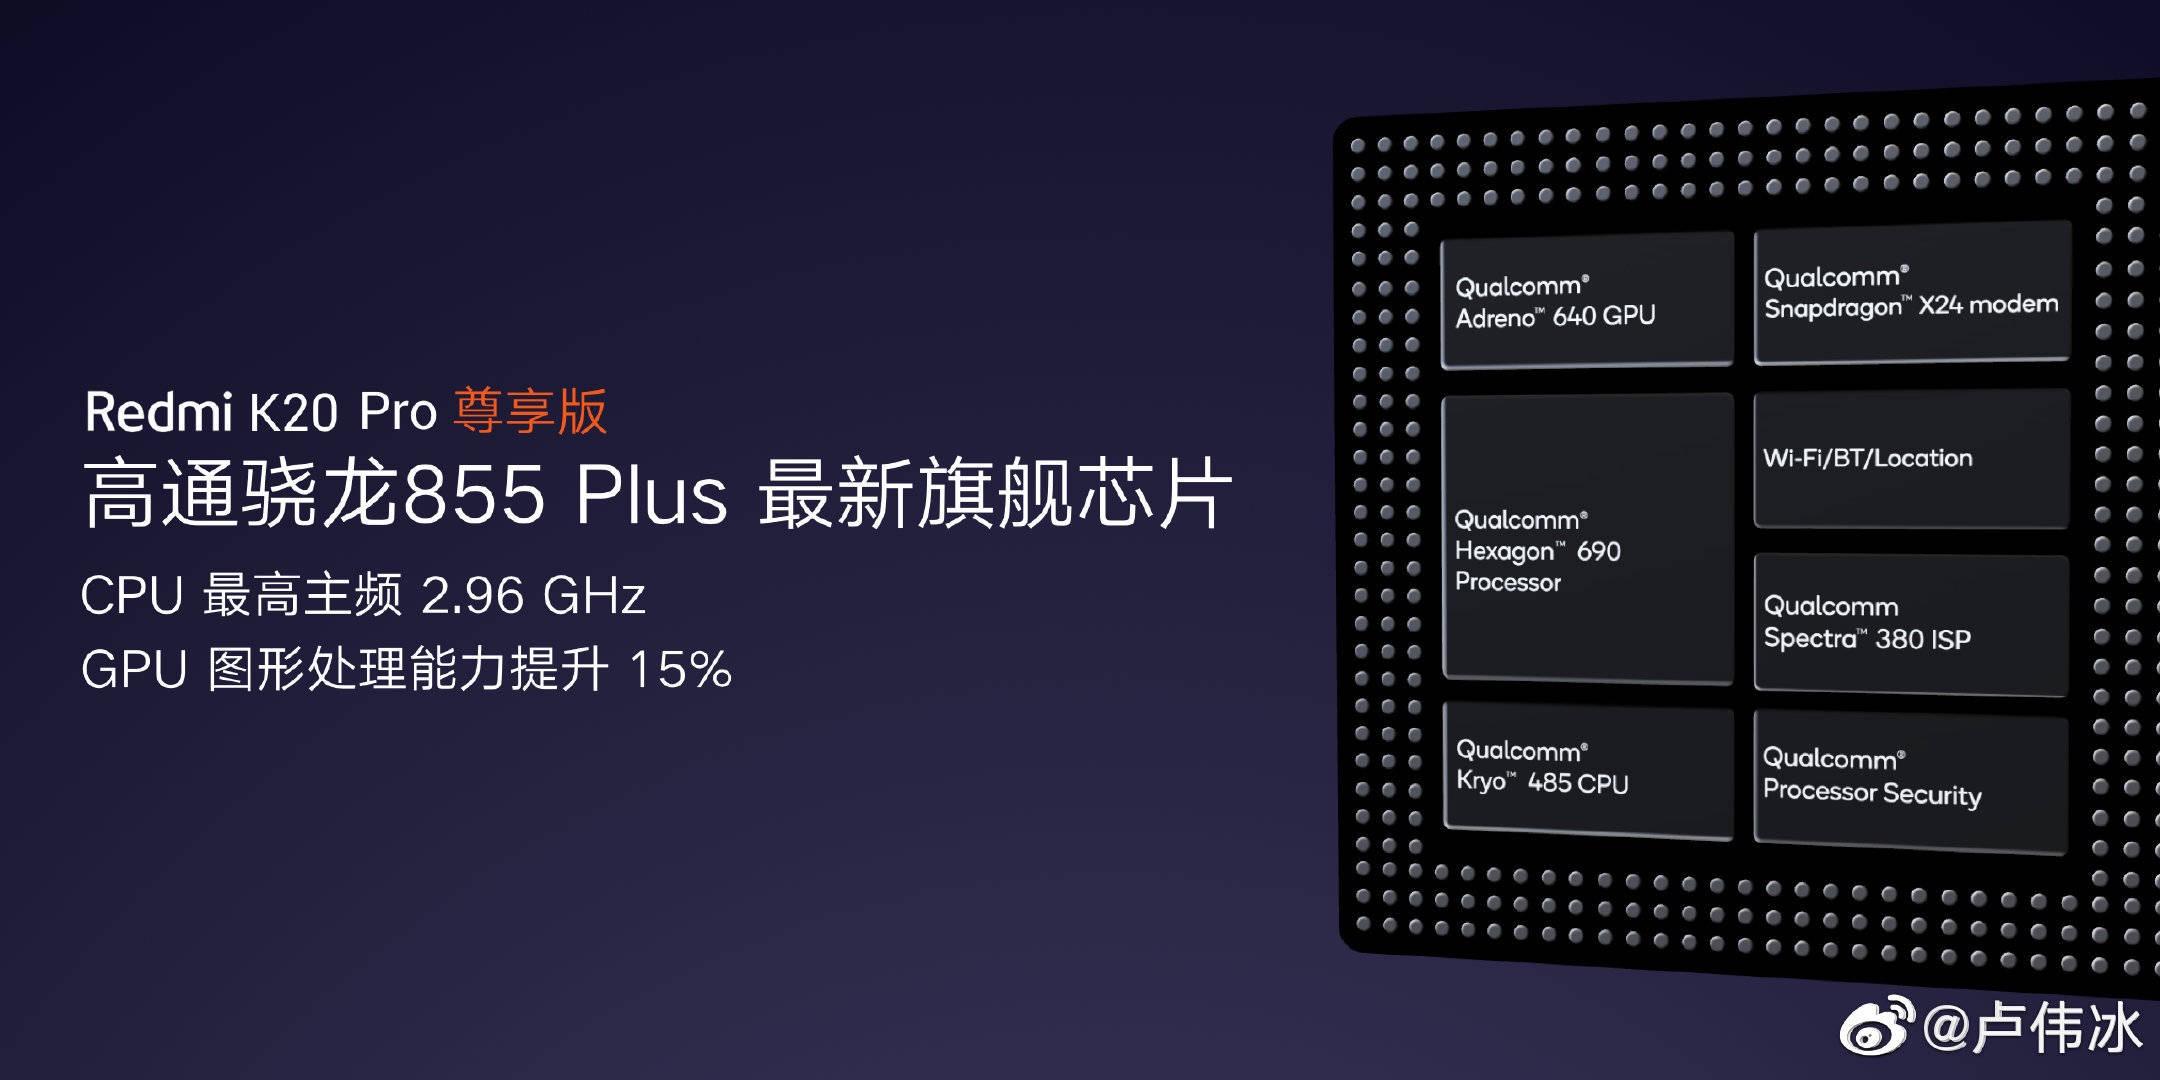 Nuevo Redmi K20 Pro Exclusive Version,, características, especificaciones y precio. Noticias Xiaomi Adictos